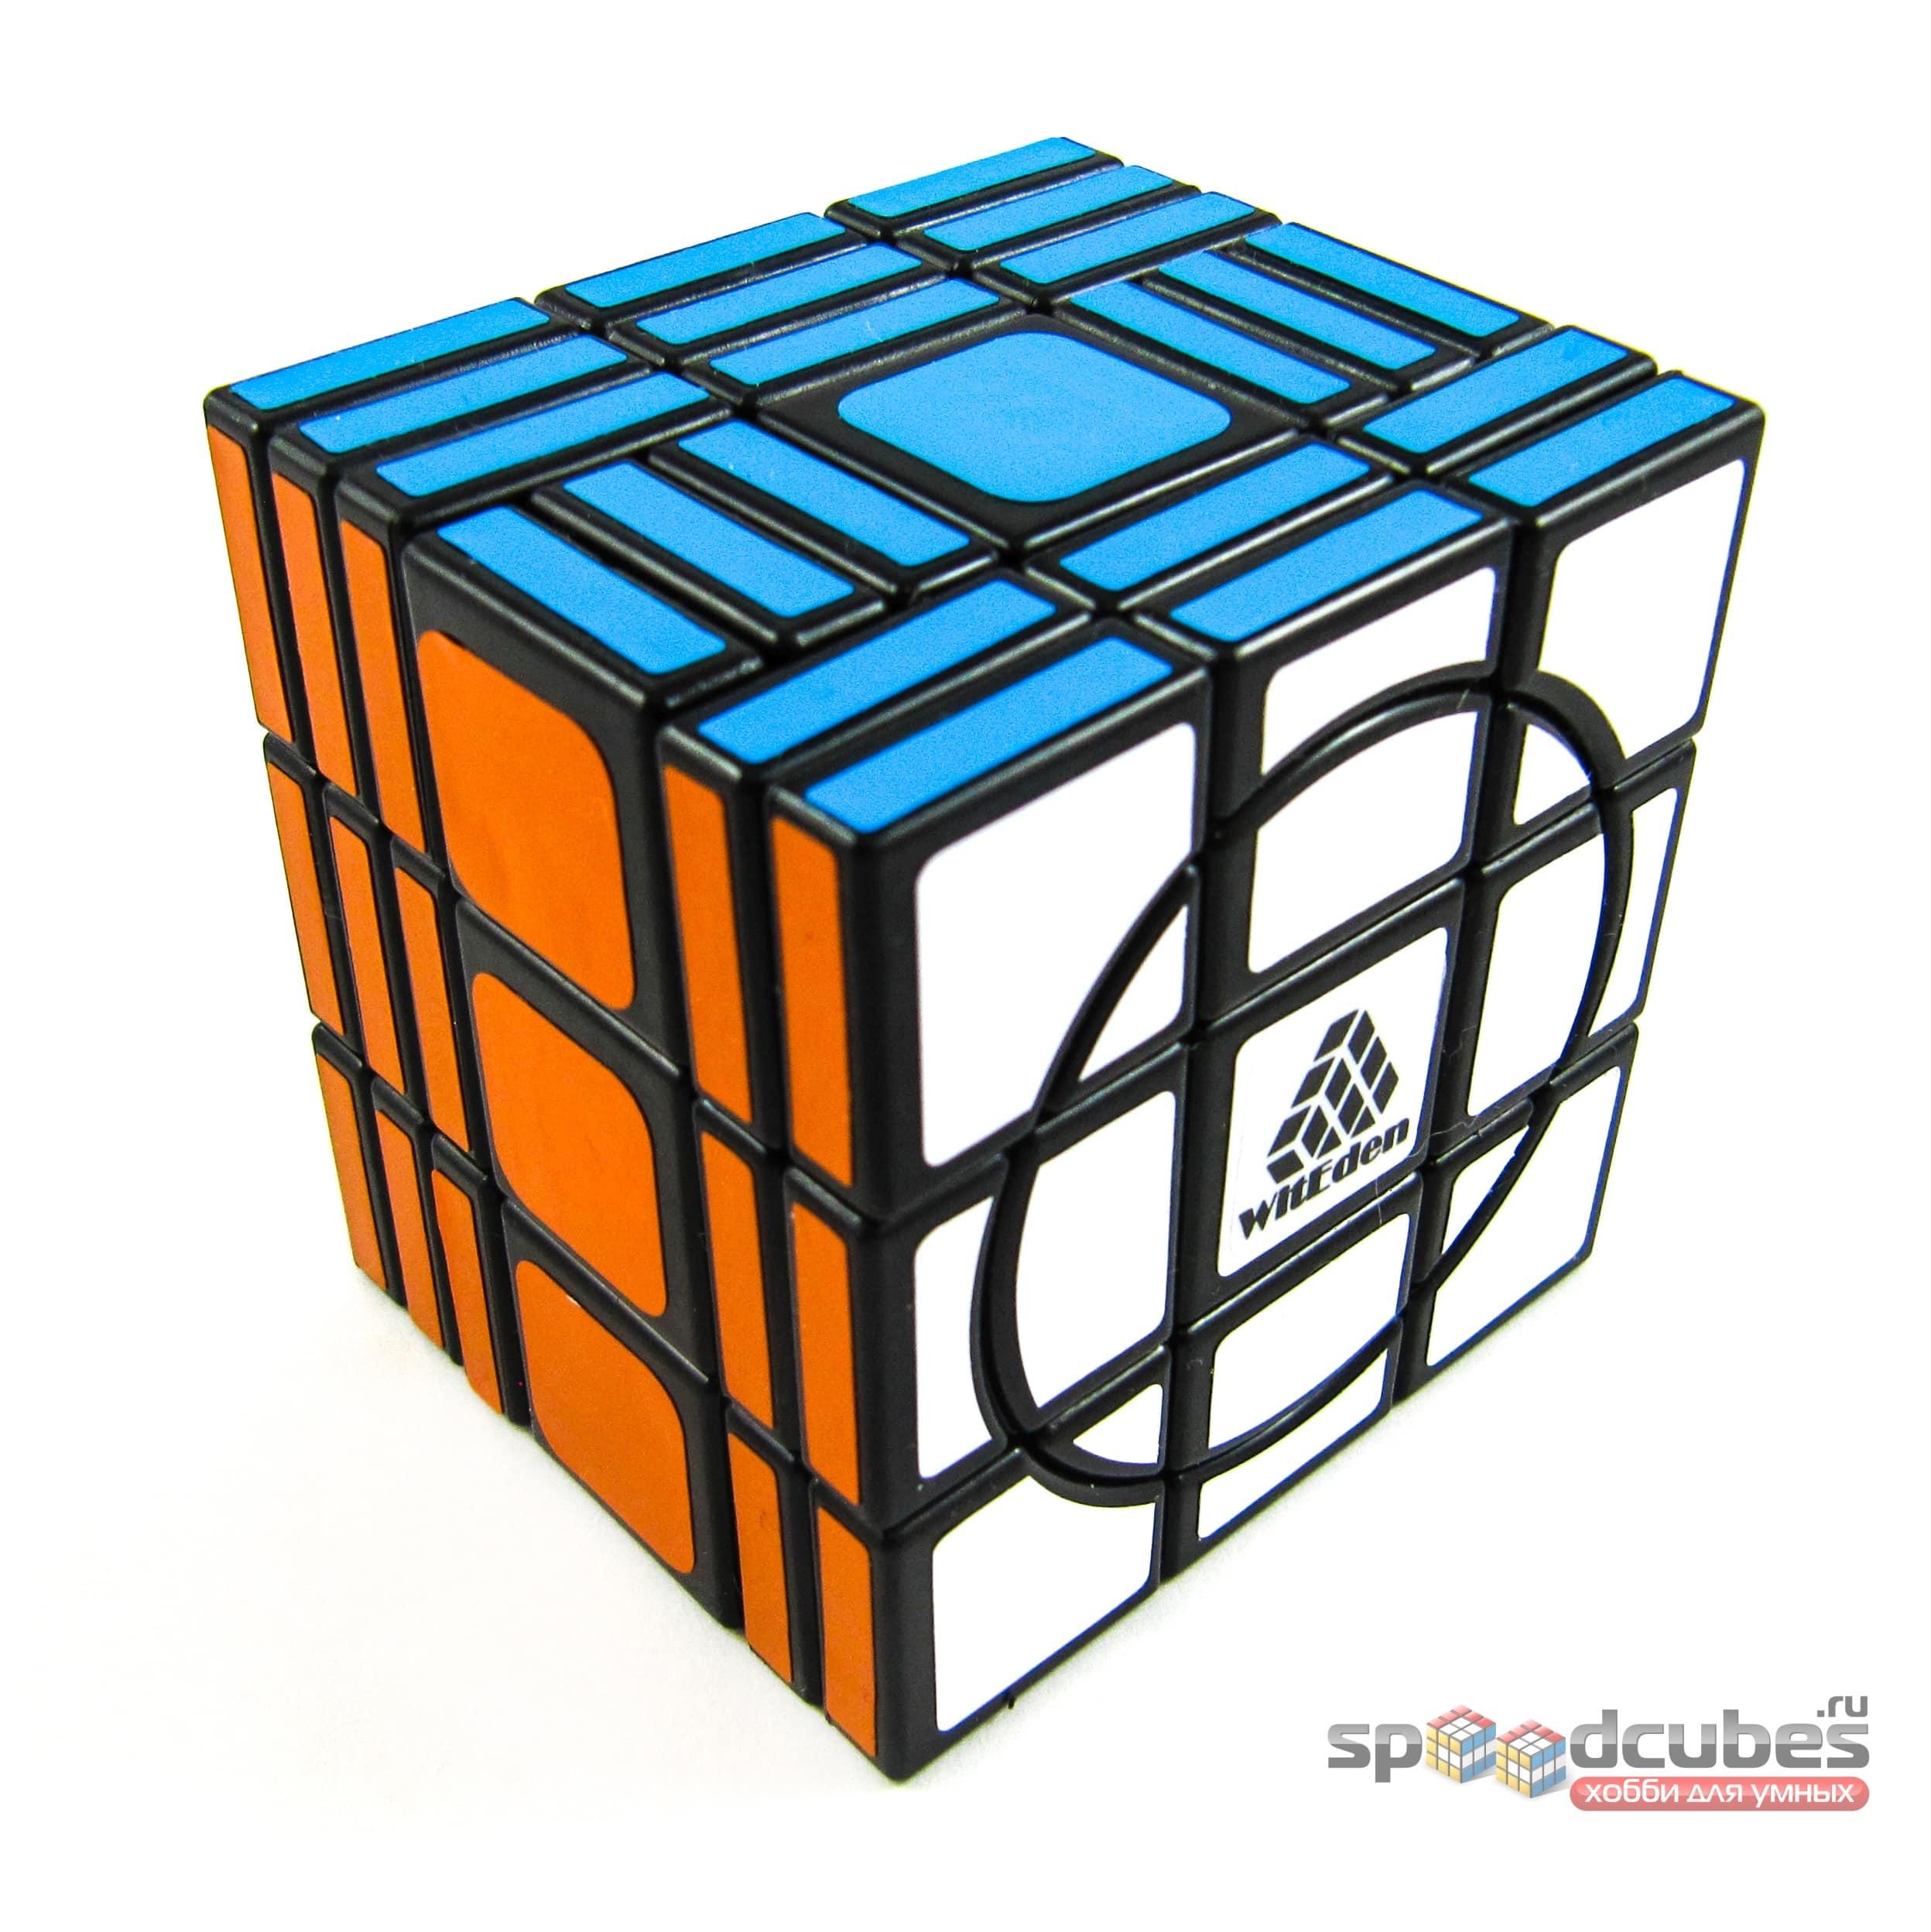 Witeden 3x3x6 Super 2 1